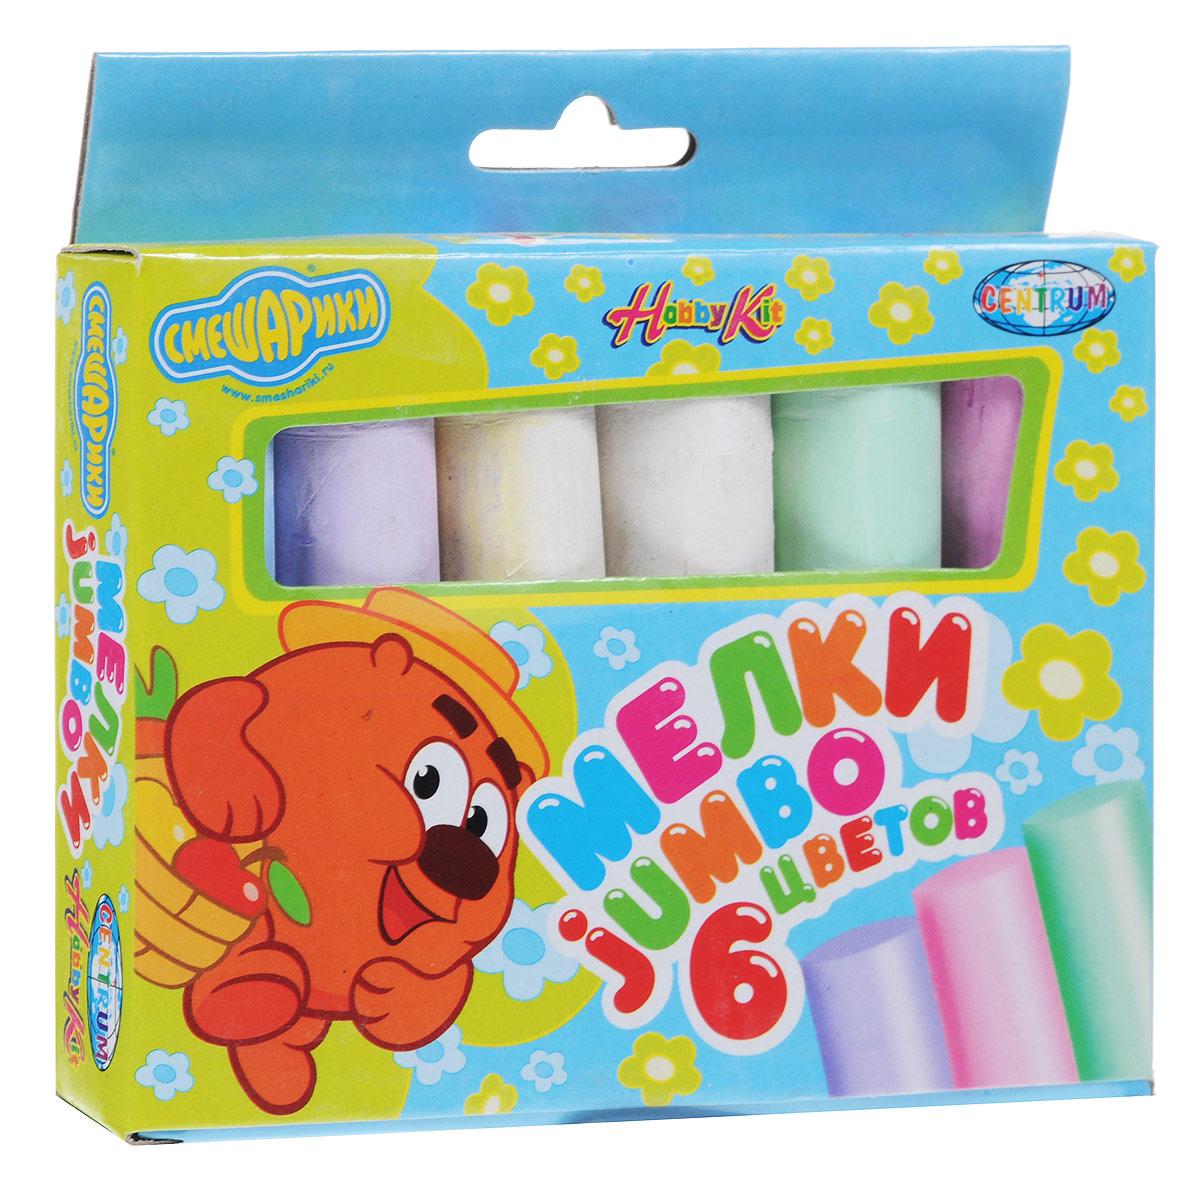 Мелки цветные Смешарики Jumbo, 6 цветовFS-36052Цветные мелки Смешарики Jumbo с круглым корпусом помогут юным художникам преобразить мир вокруг. Их утолщенная форма создана специально для маленьких детских ручек, поэтому малышам очень удобно ими пользоваться. Мелки пригодятся для игры в классики, помогут создать огромные картины на асфальте и прекрасные рисунки на доске дома, в школе или в детском саду.В комплекте два мелка белого цвета и четыре мелка зеленого, фиолетового, голубого и розового цветов. С их помощью малыш сможет создать яркие, радостные и неповторимые картины.